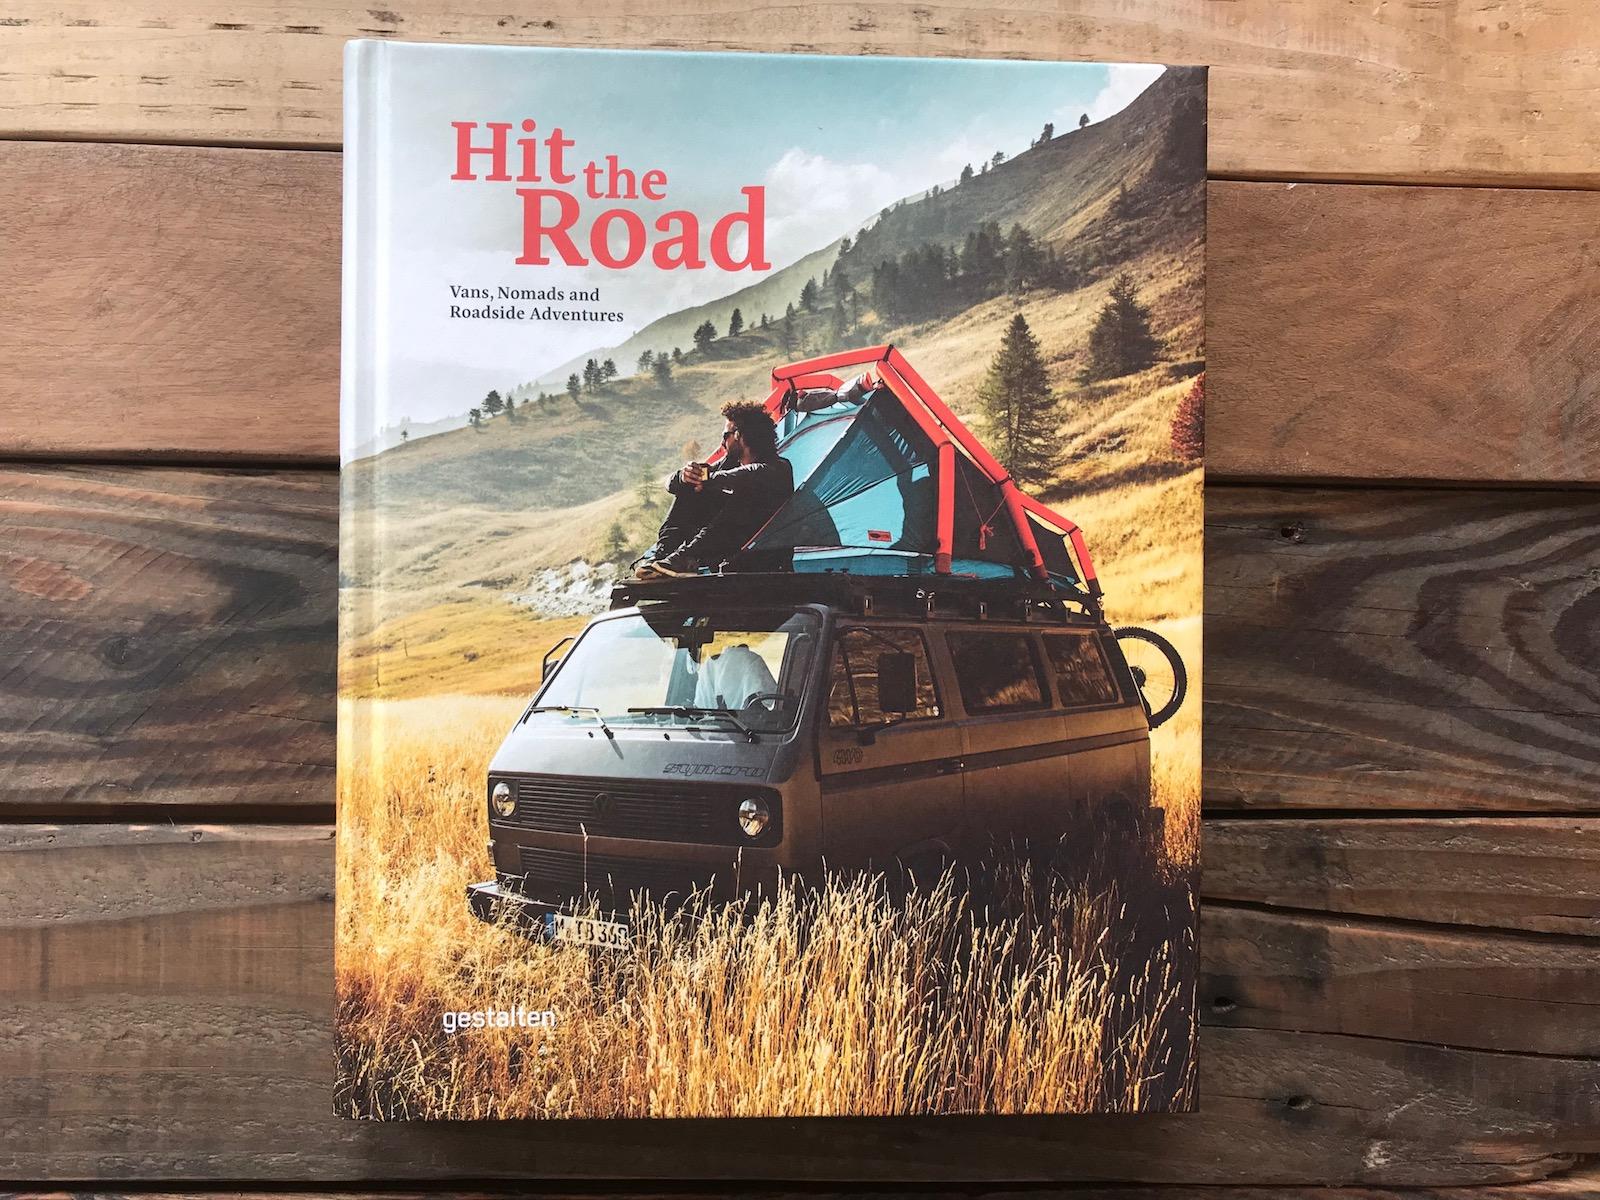 Die Neue Outdoor Küche Buch : Die neue outdoor küche buch buchtipp coffee style von horst a